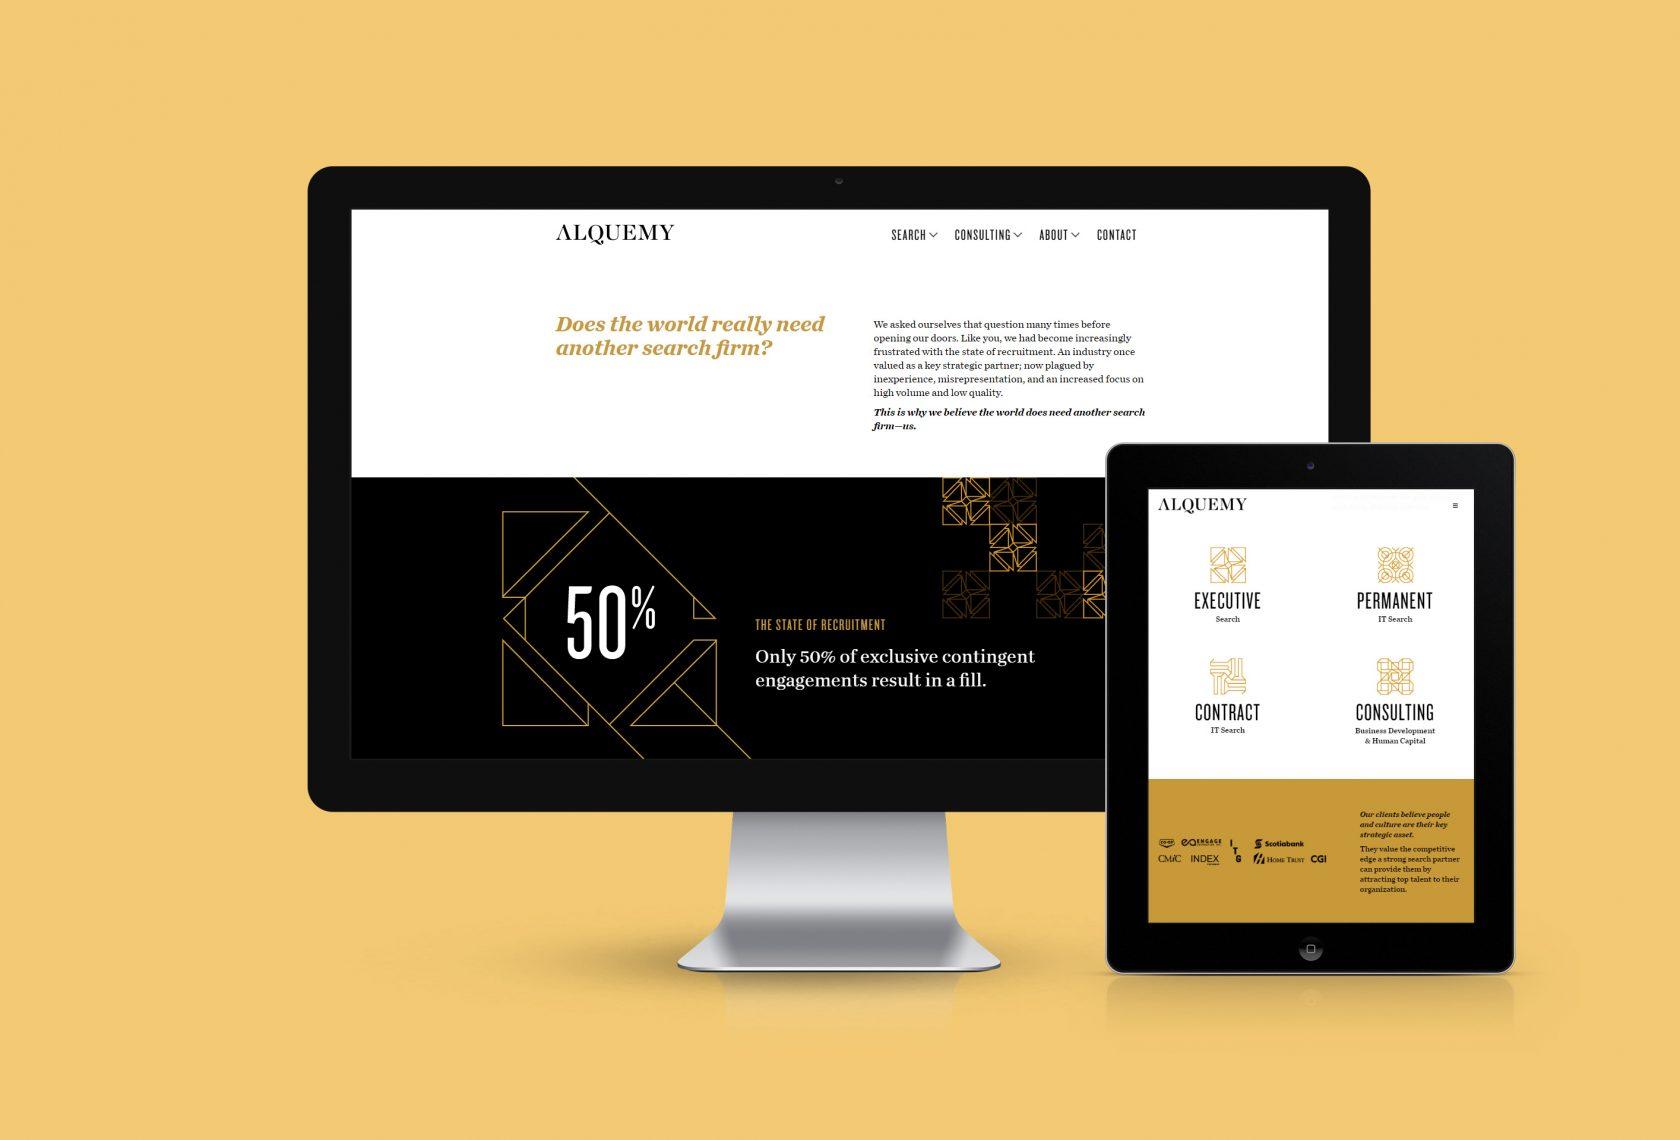 Alquemy Website Design and Development by Furia